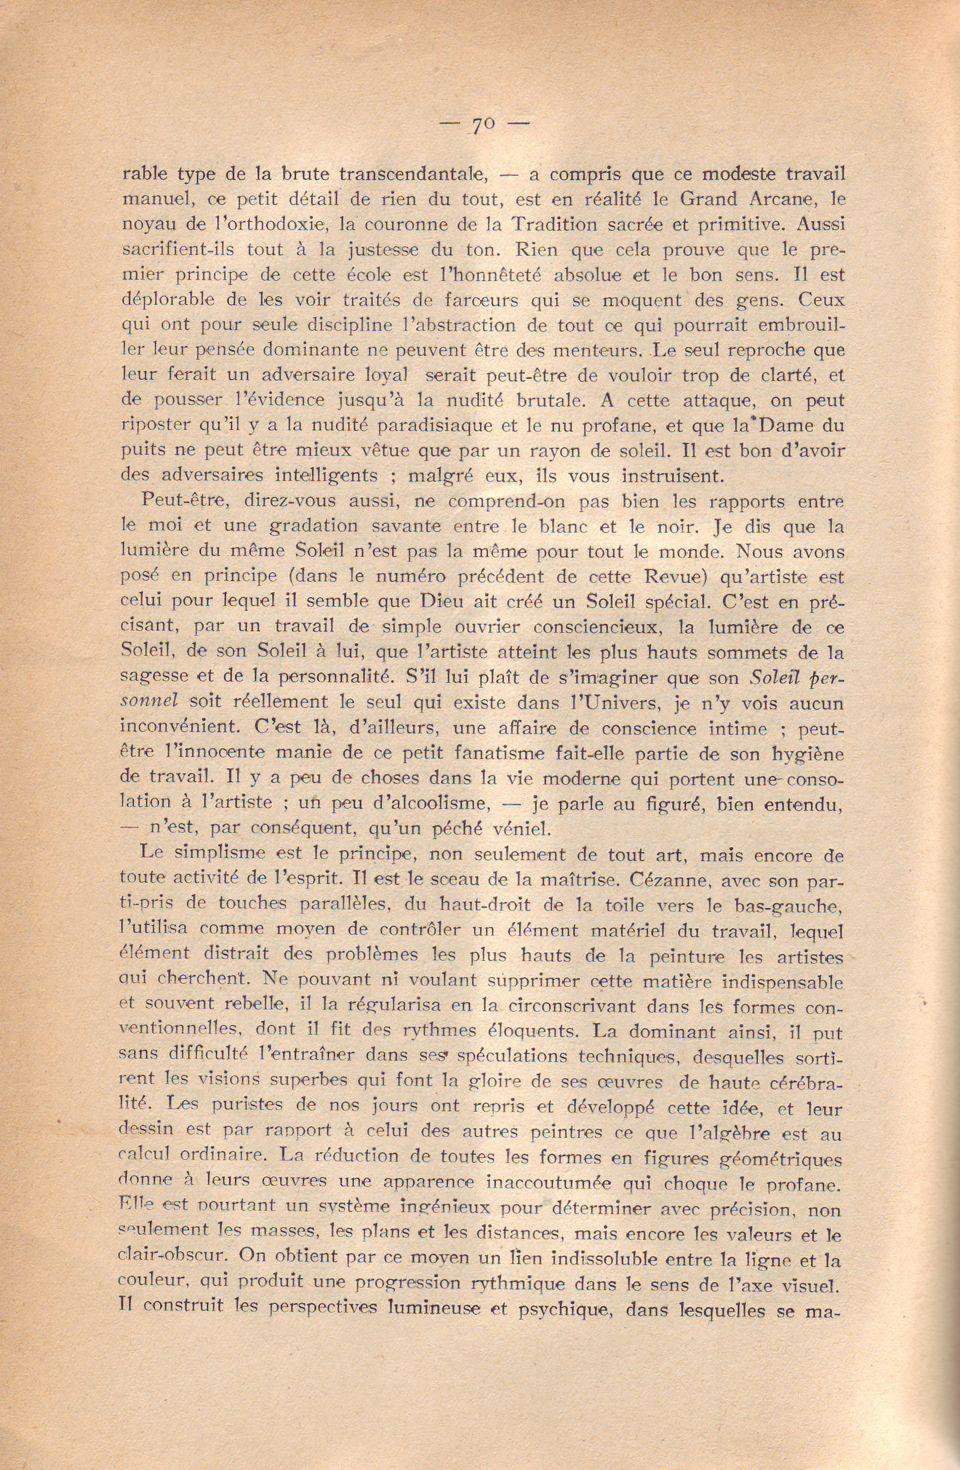 Pages..Mércure 16. 70